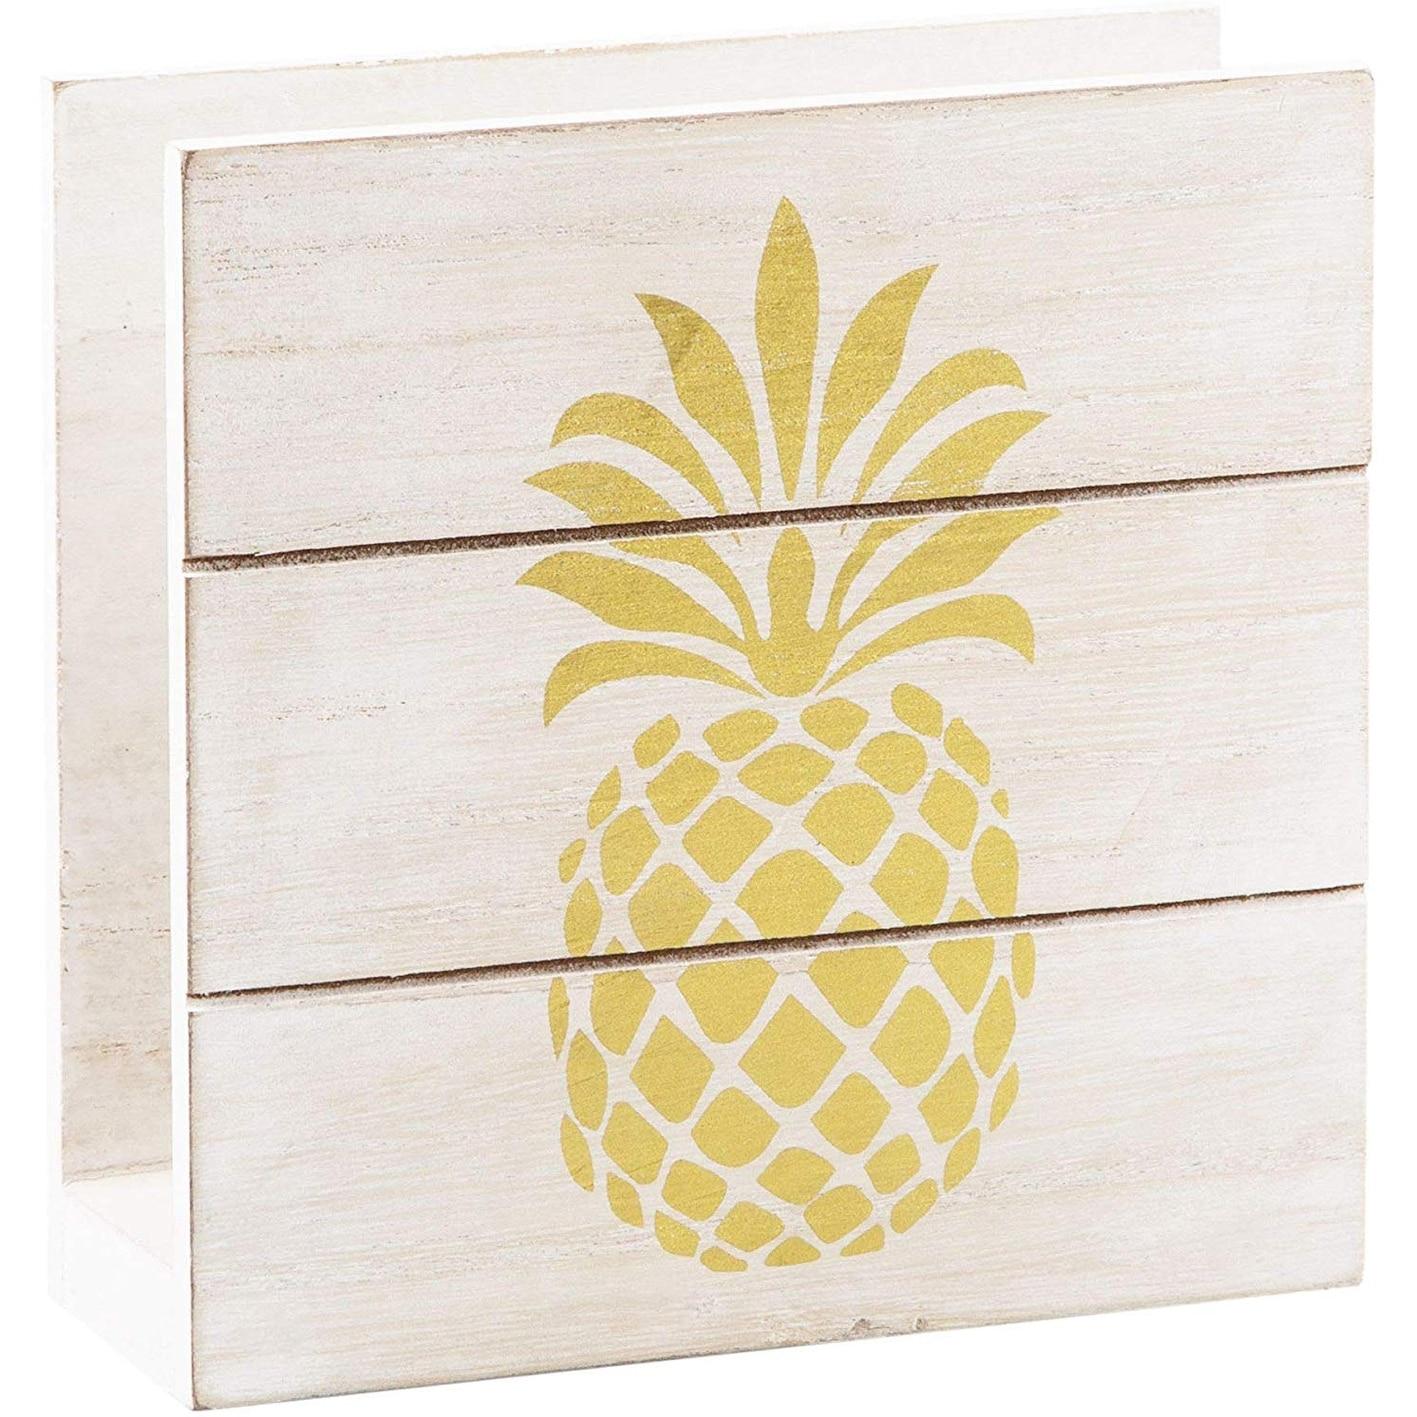 Modern Farmhouse Wood Napkin Holder Freestanding Tissue Dispenser For Kitchen Countertops Overstock 30136256